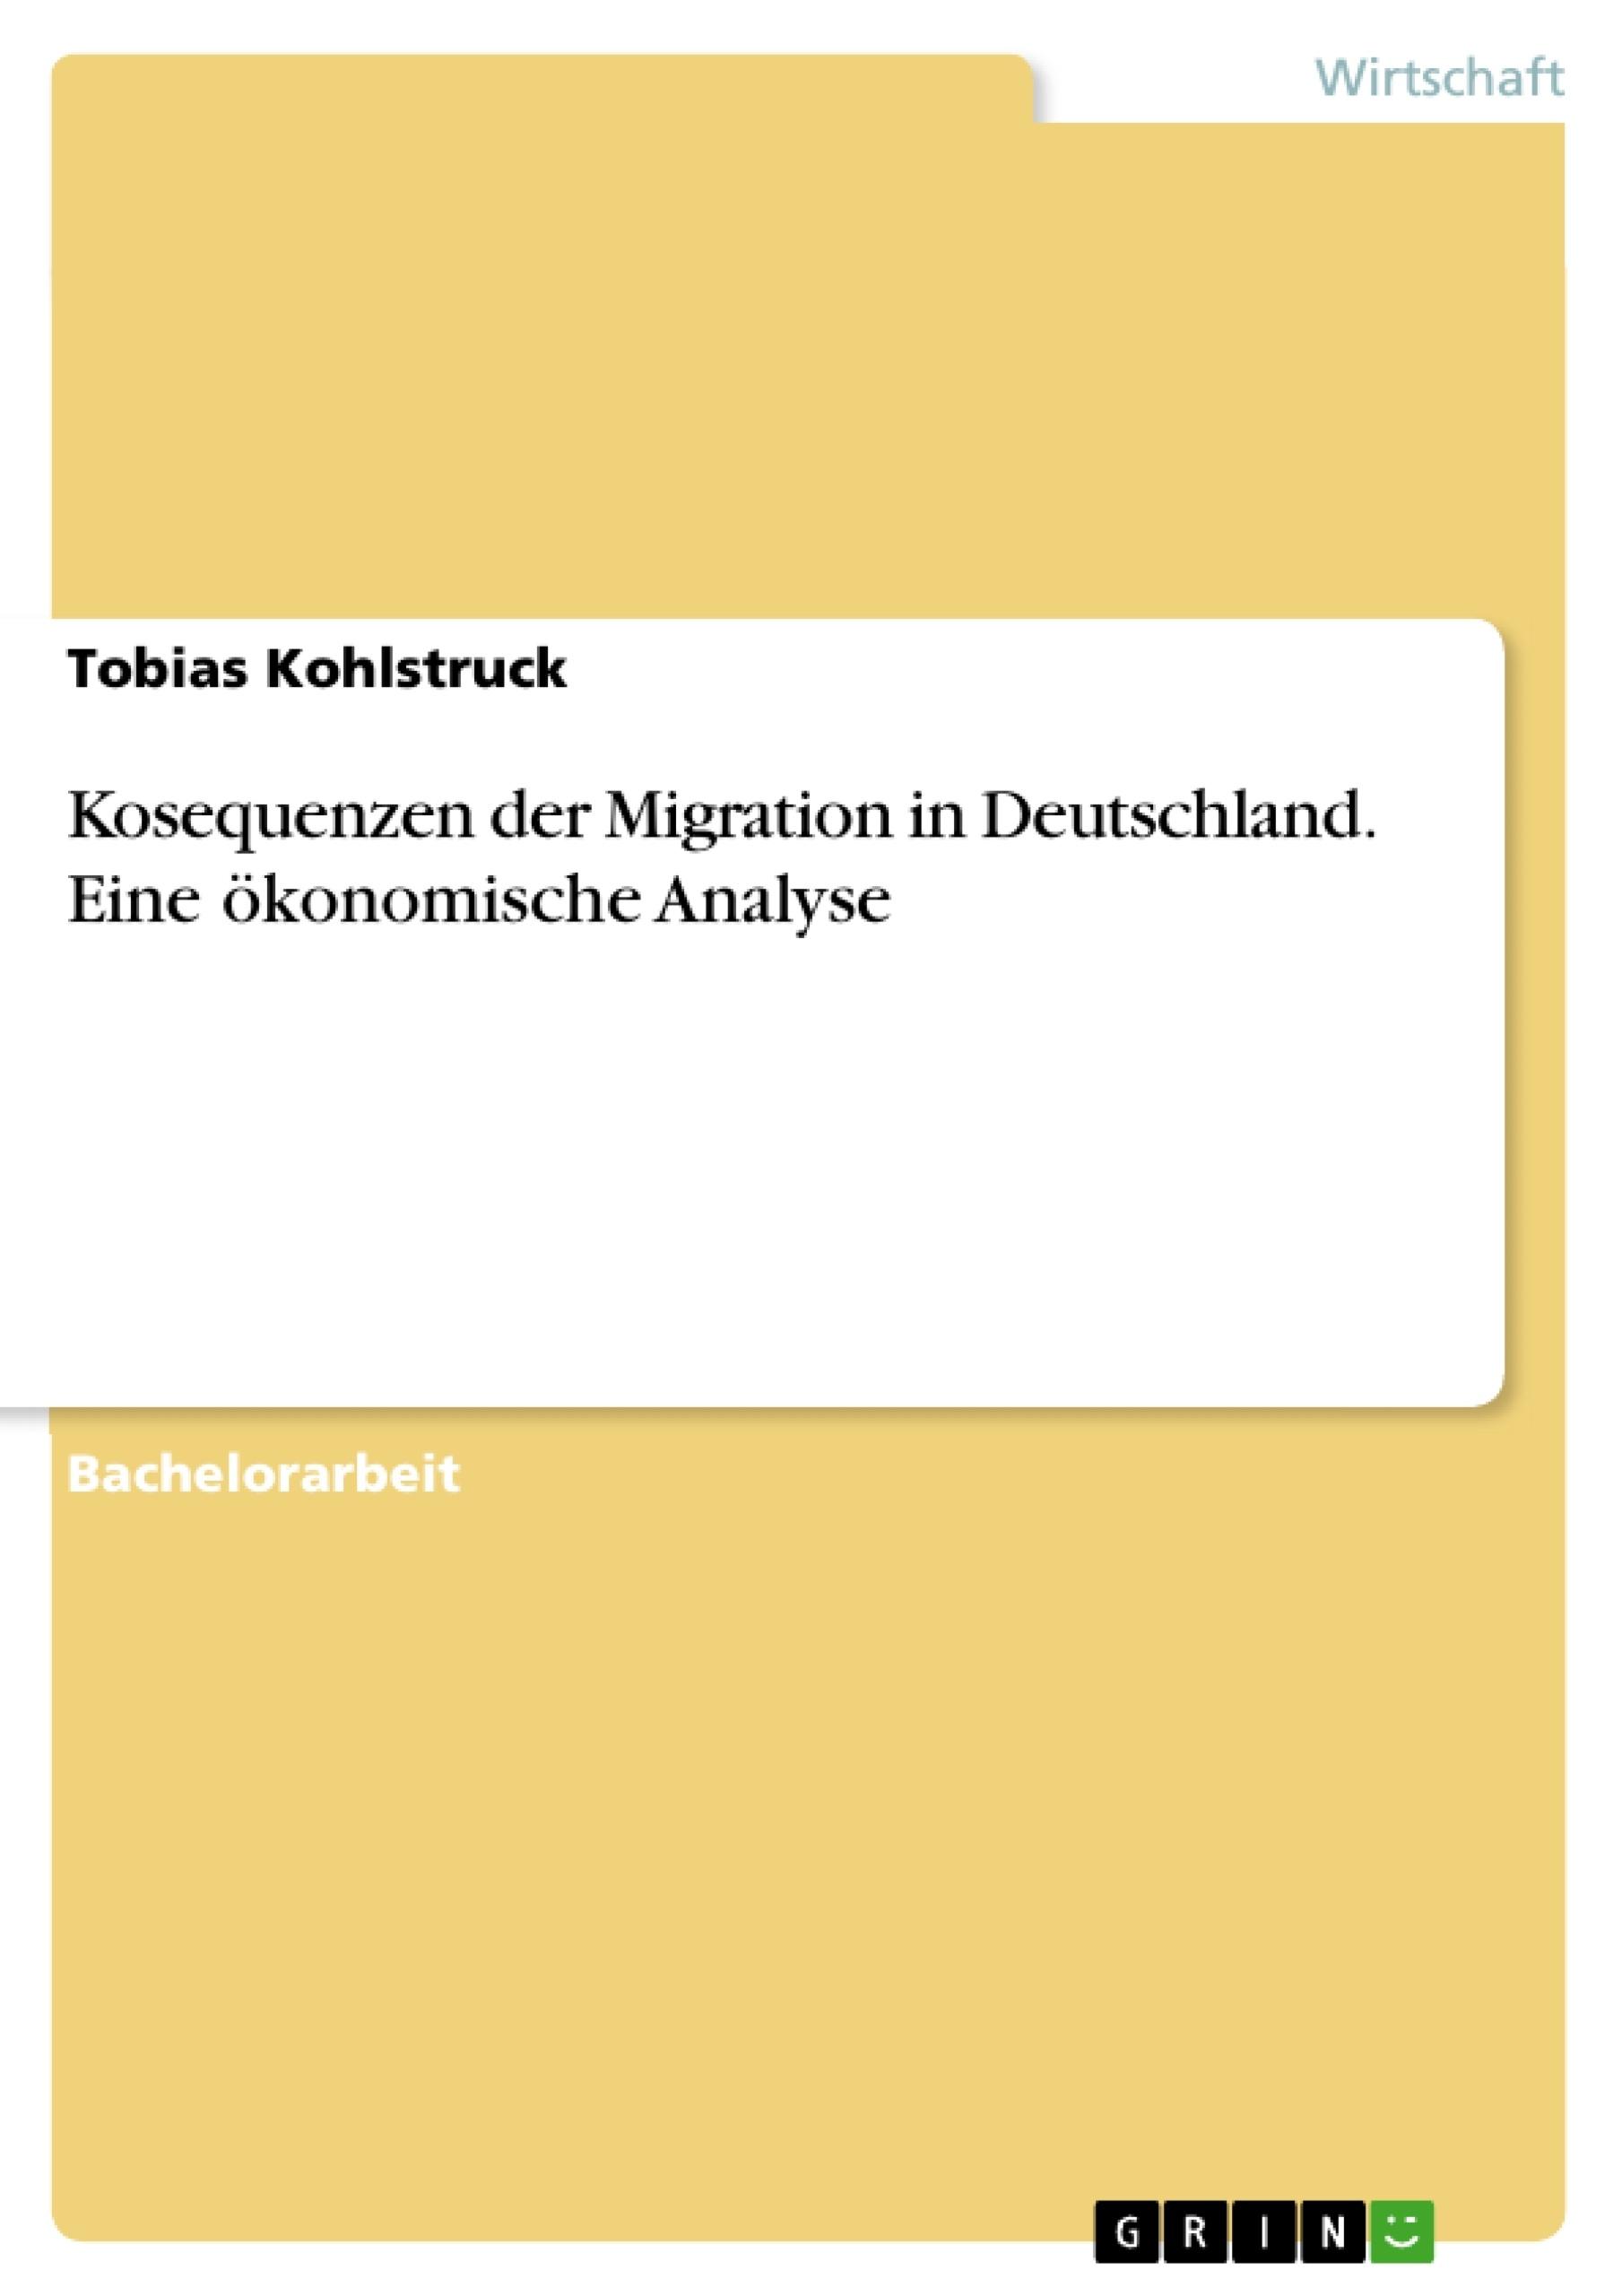 Titel: Kosequenzen der Migration in Deutschland. Eine ökonomische Analyse